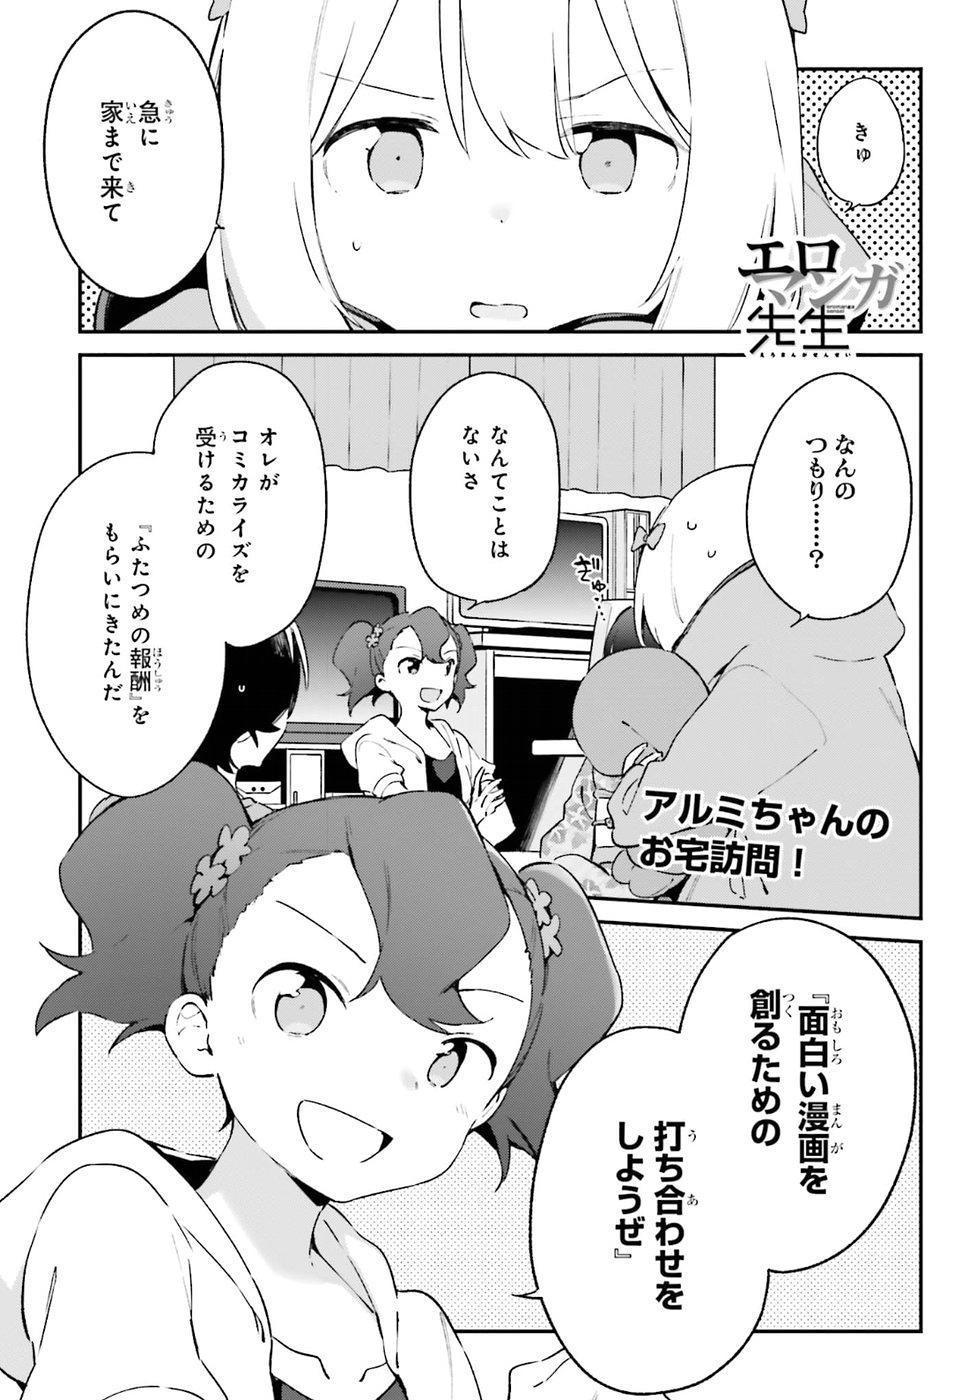 EroManga-Sensei Chapter 49 Page 1